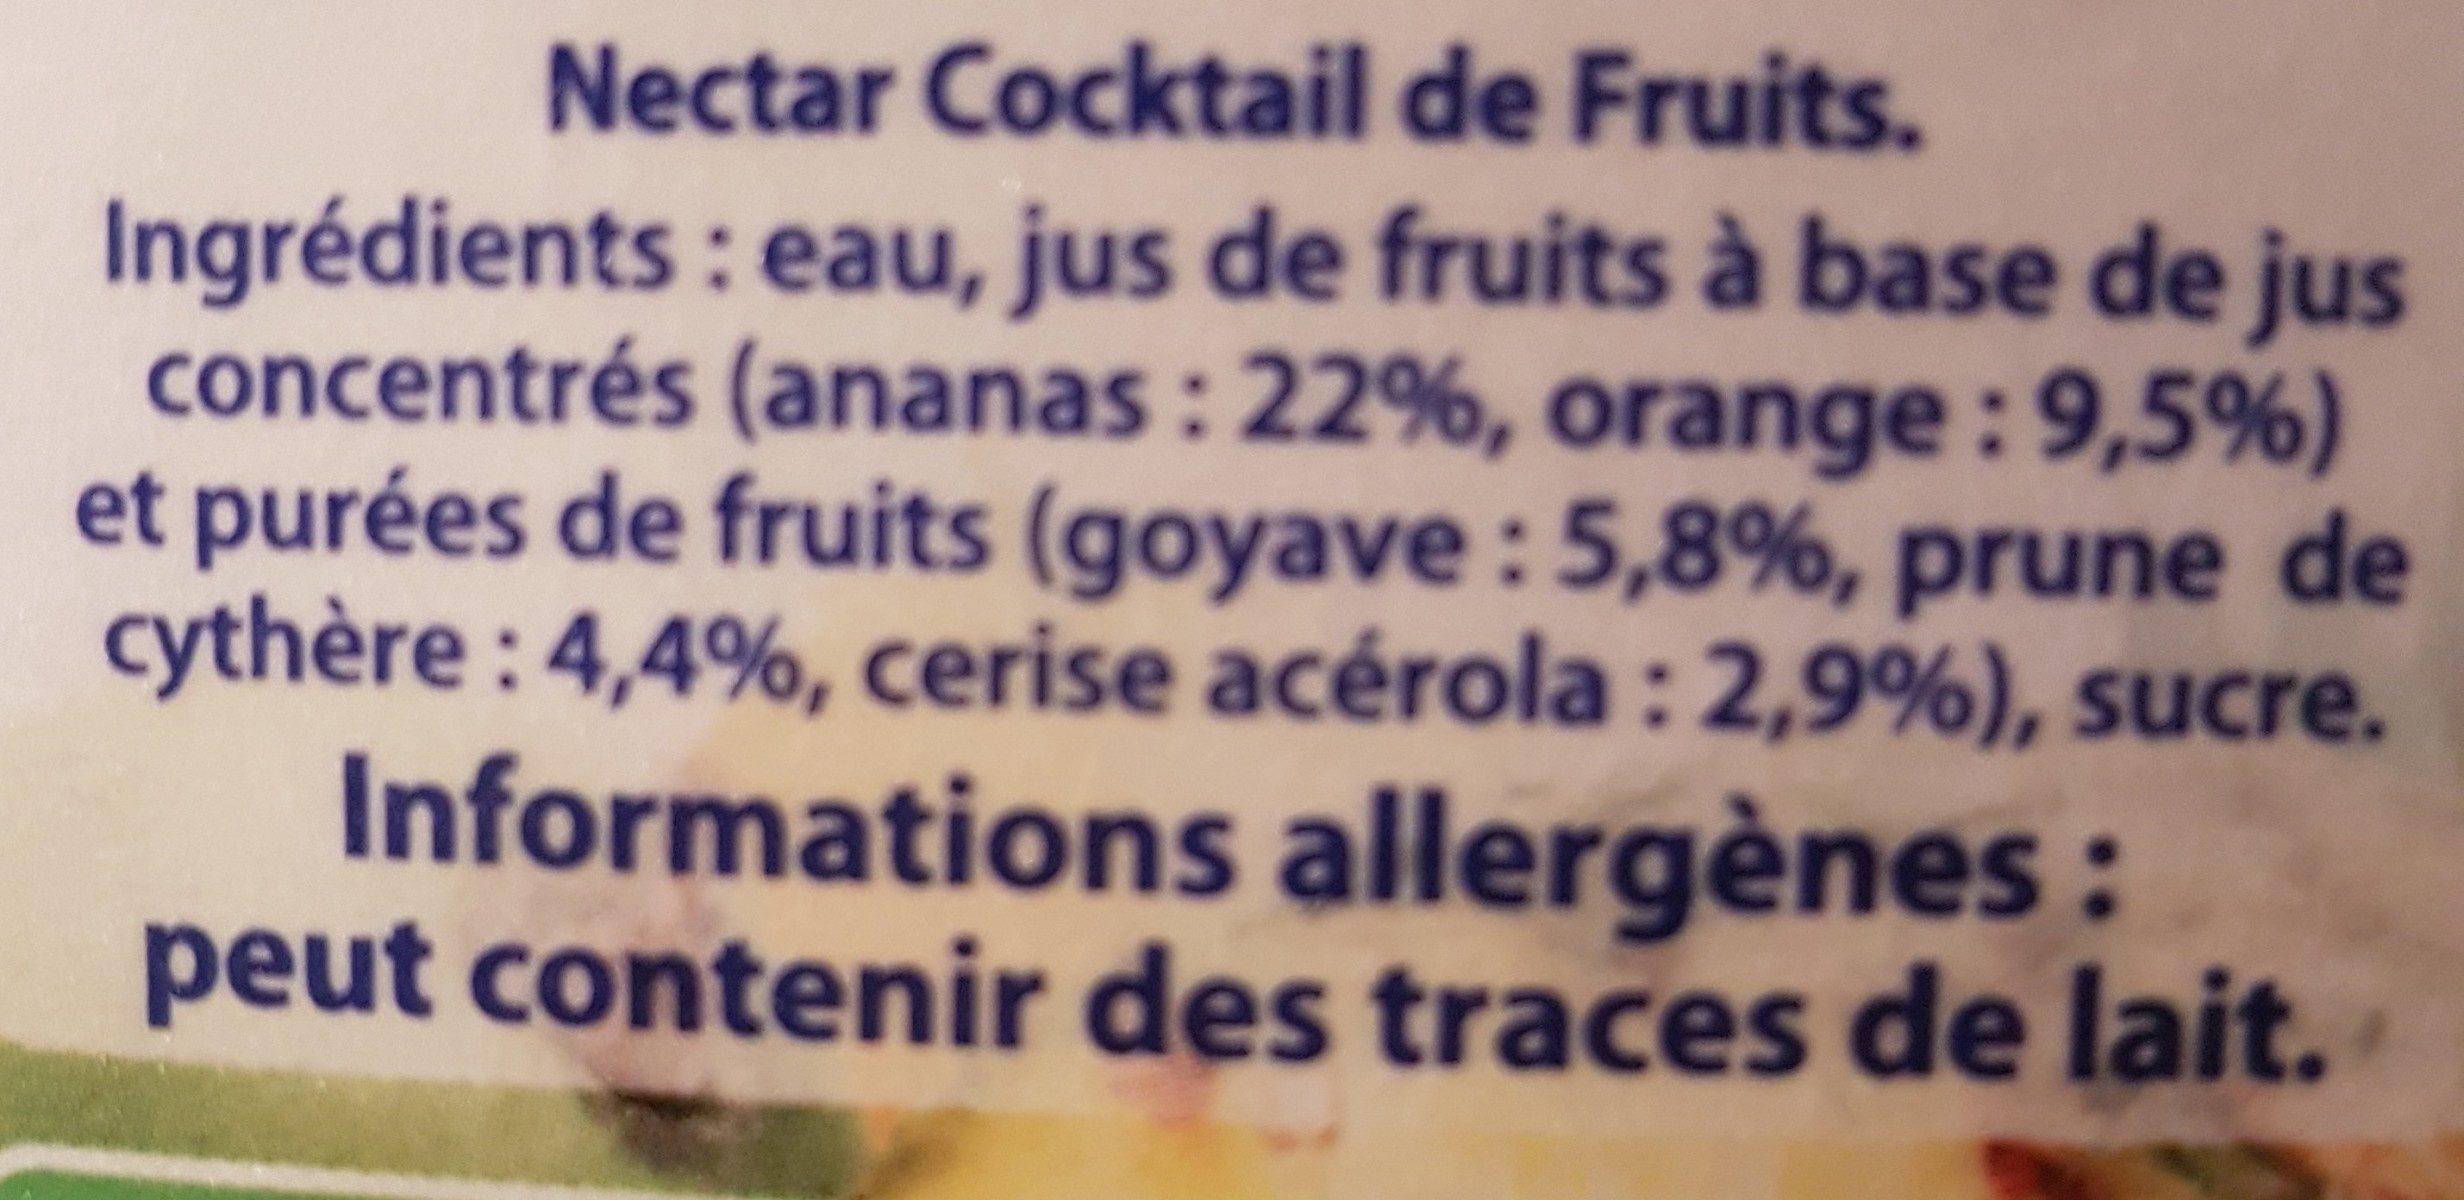 Nectar cocktail de fruits - Ingrediënten